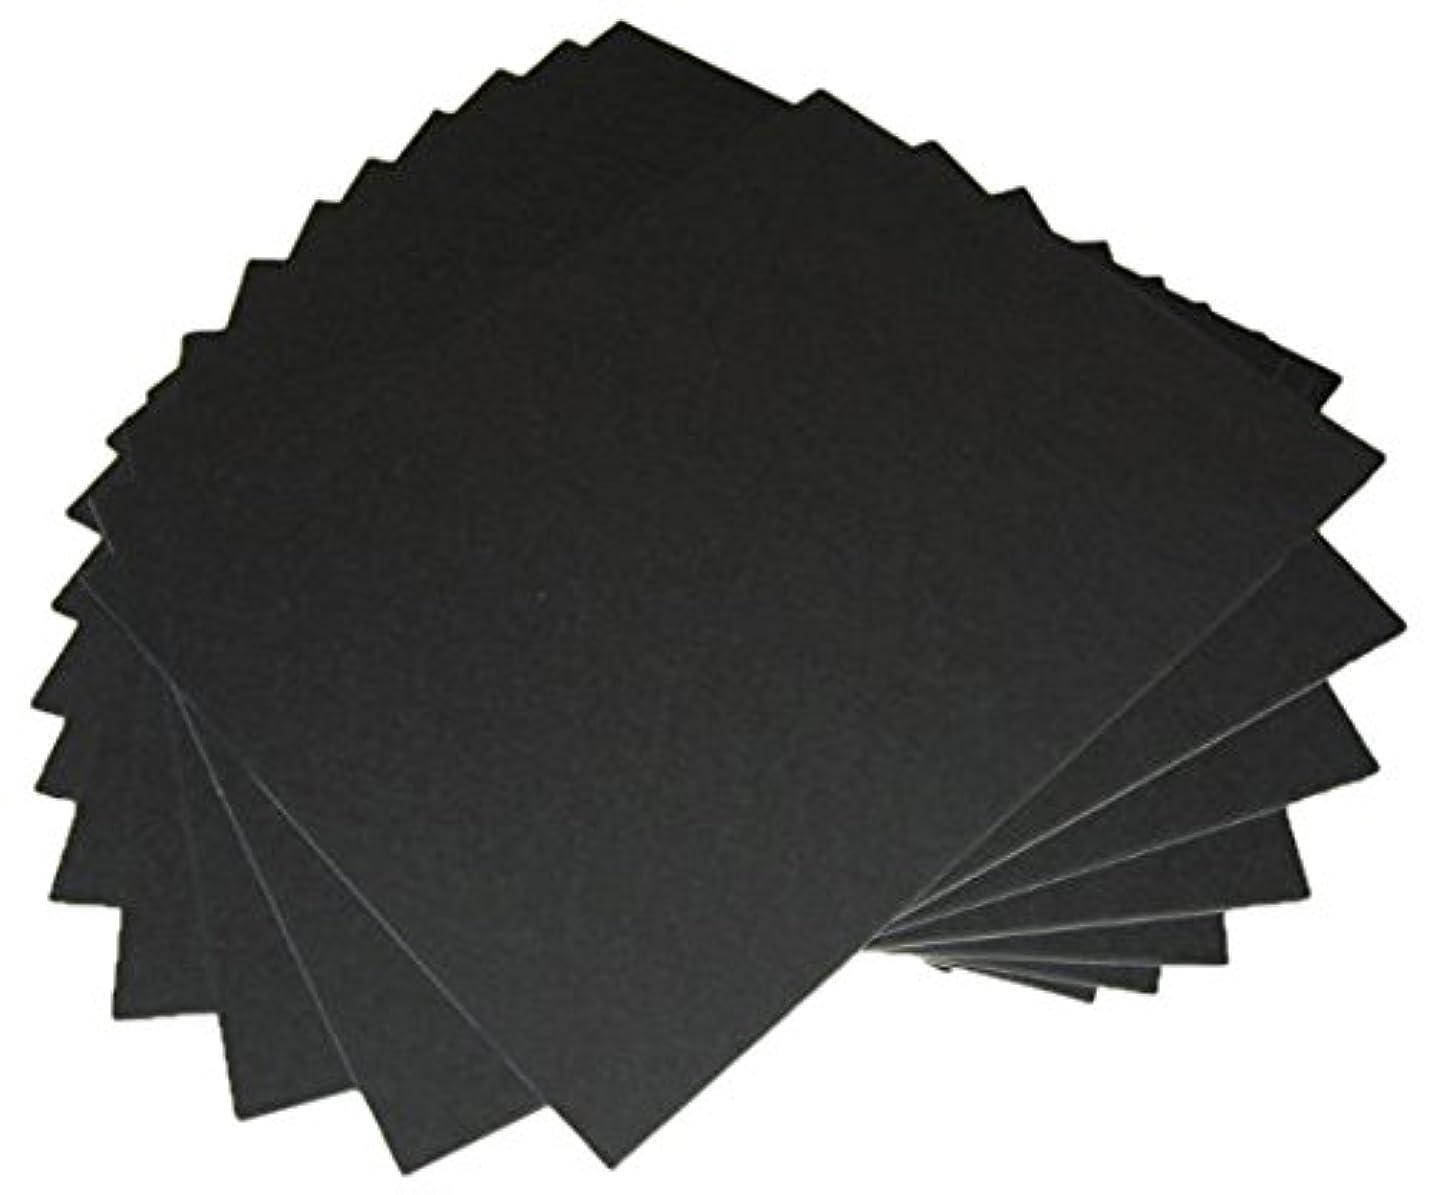 100 8x10 UNCUT mat matboard BLACK Color